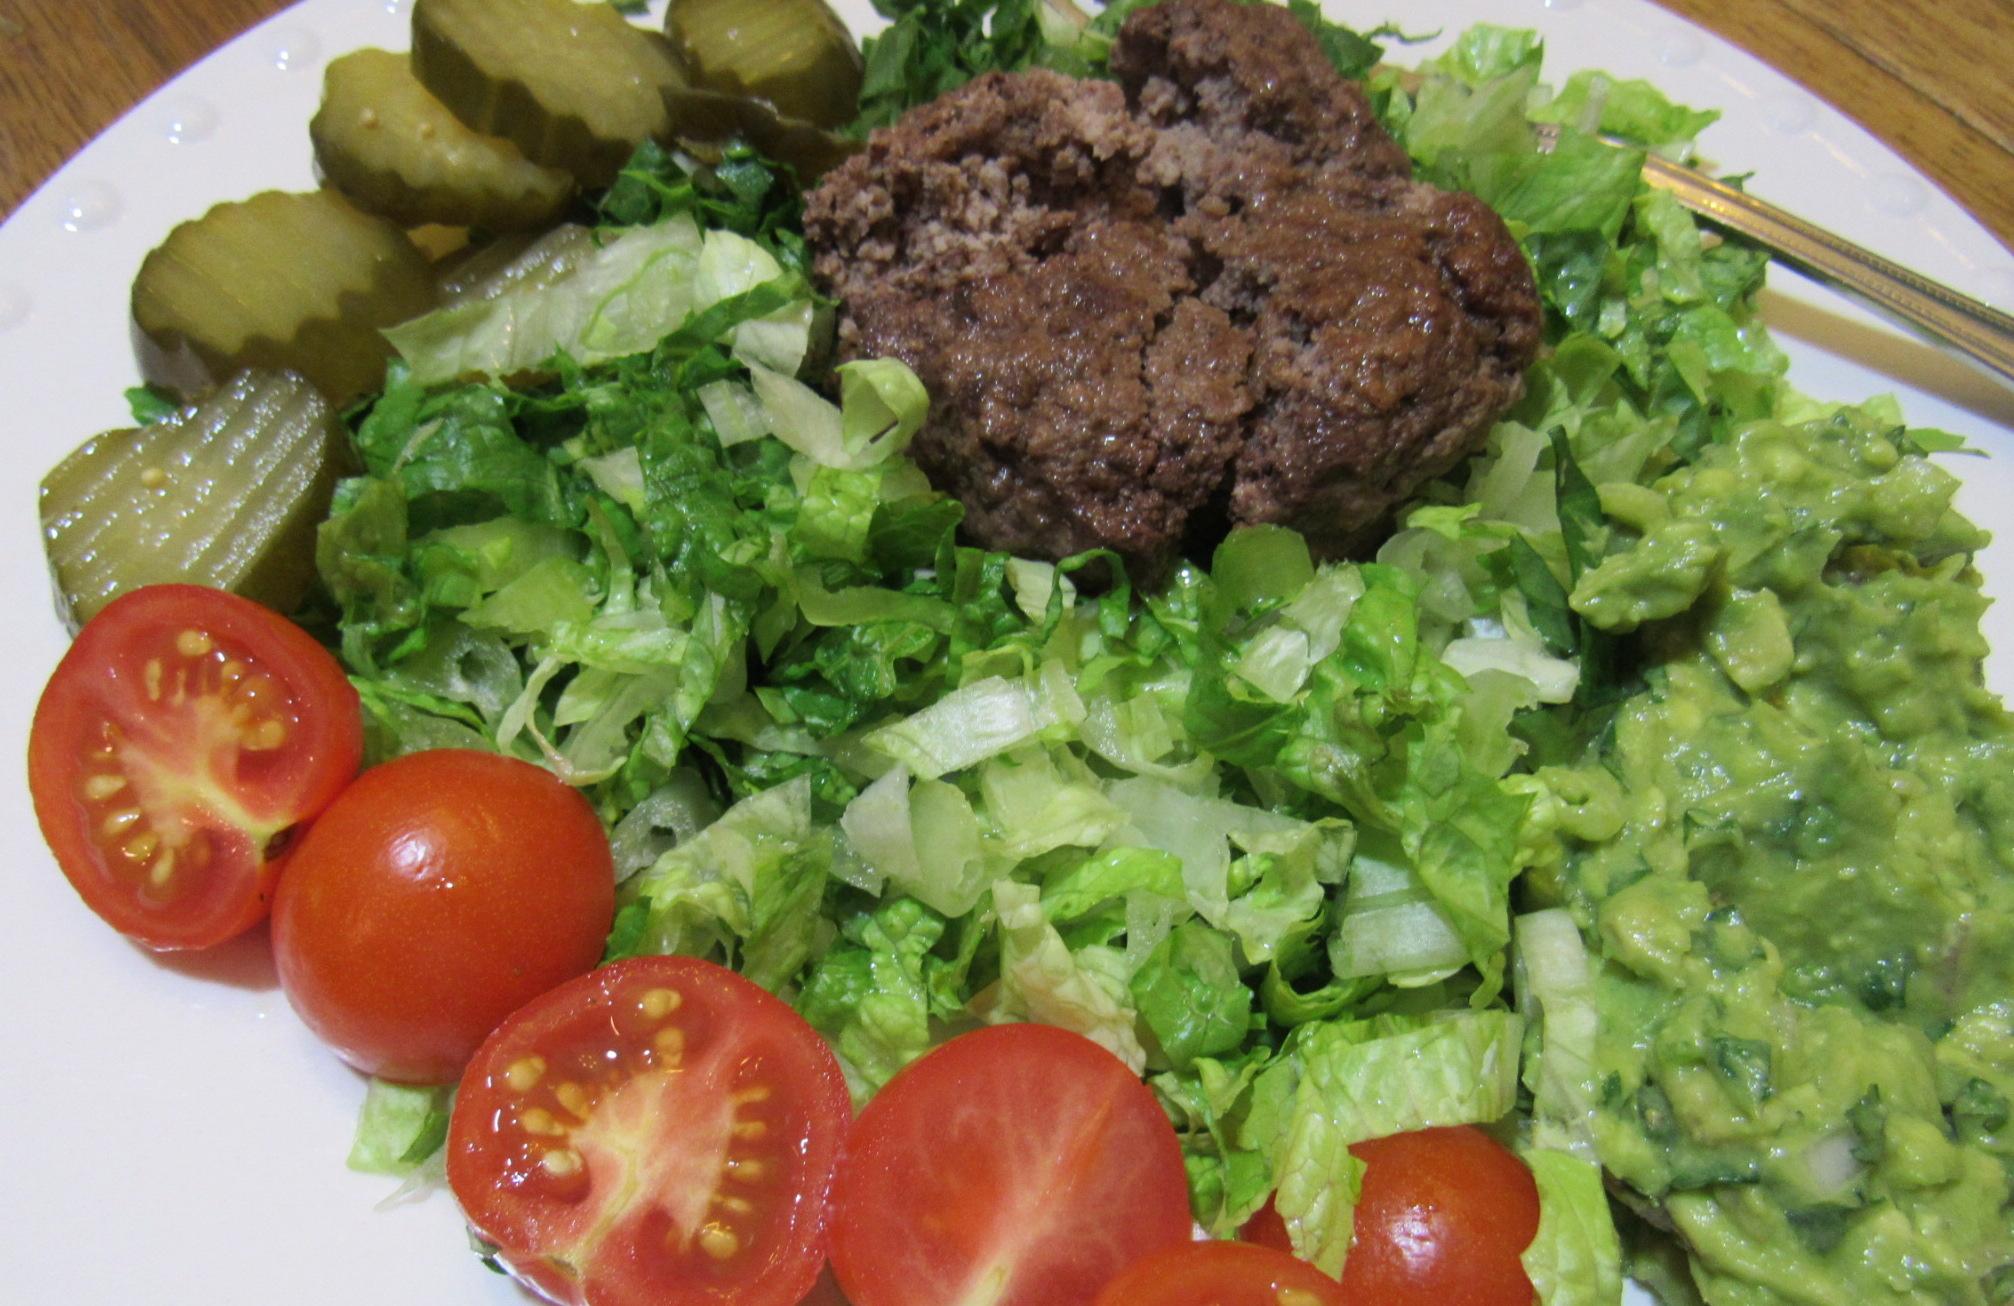 Bunless Burger / Chopped Toppings / Guacamole